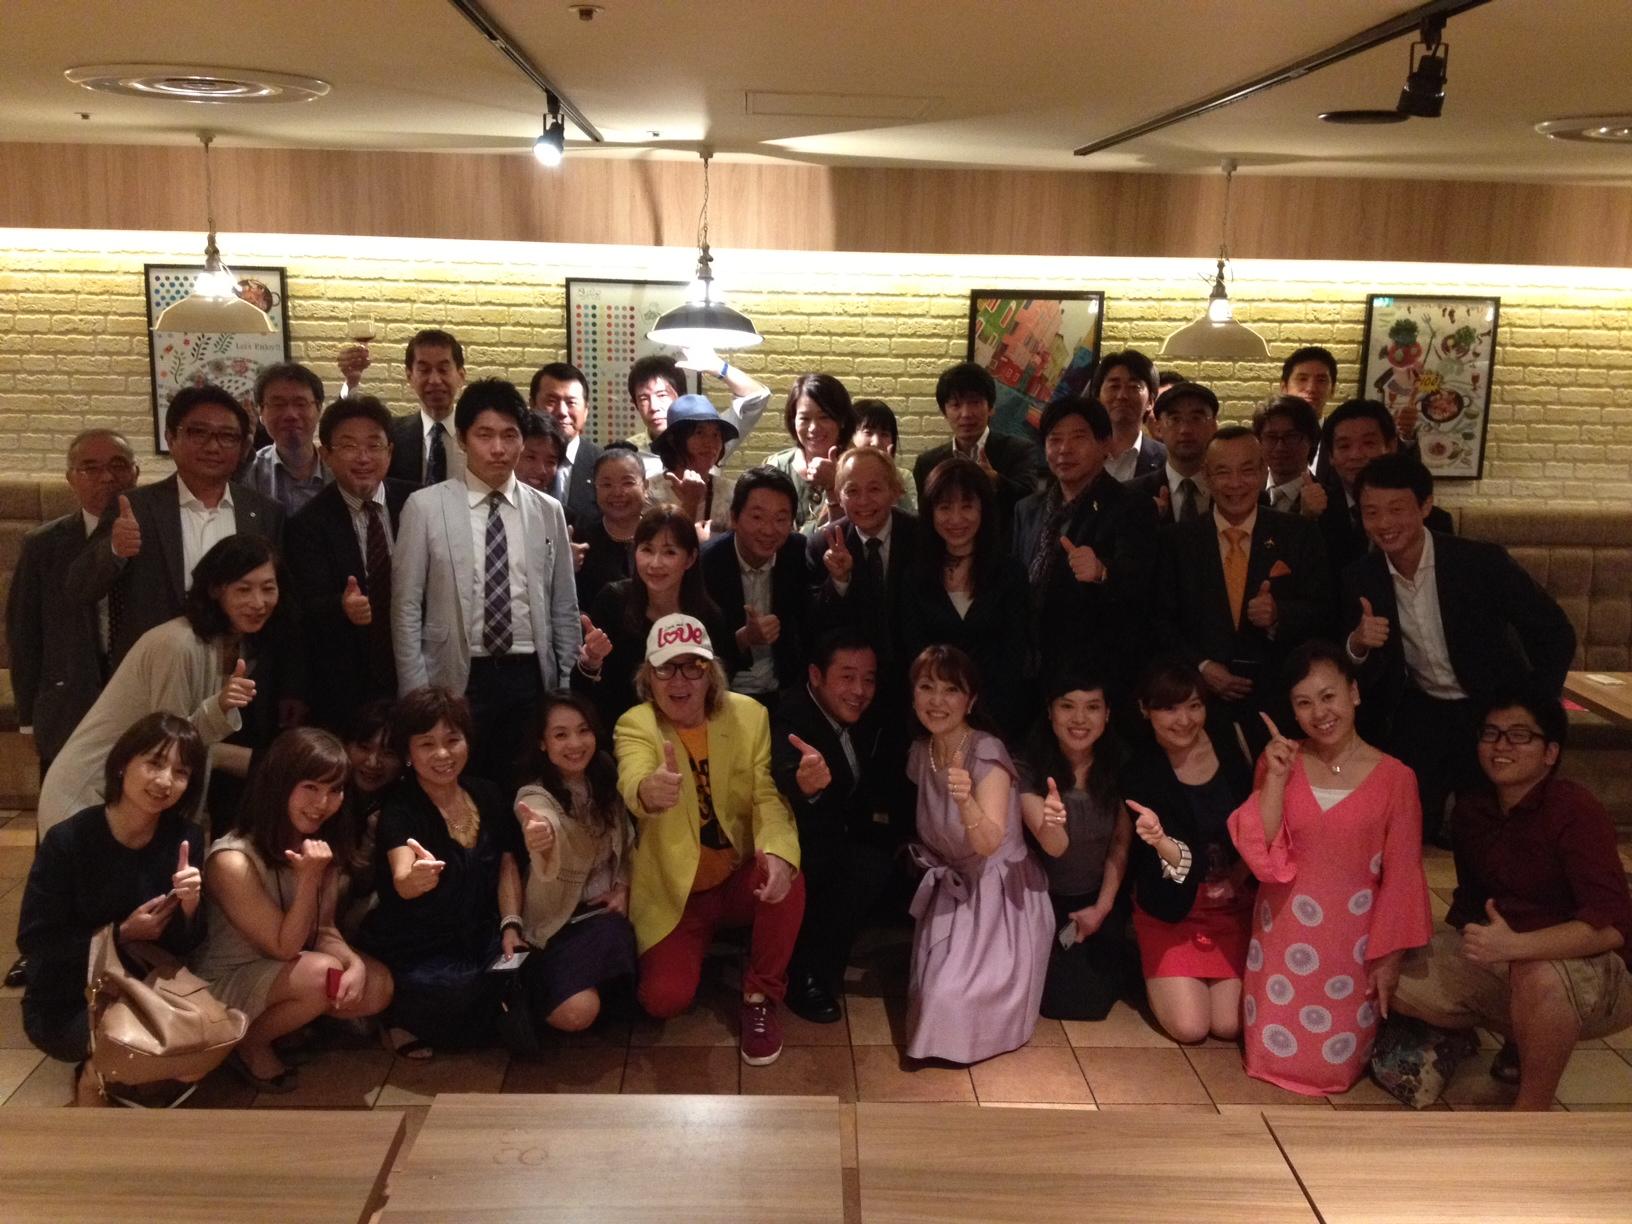 倶楽部2010(15年9月28日)集合写真xlsx